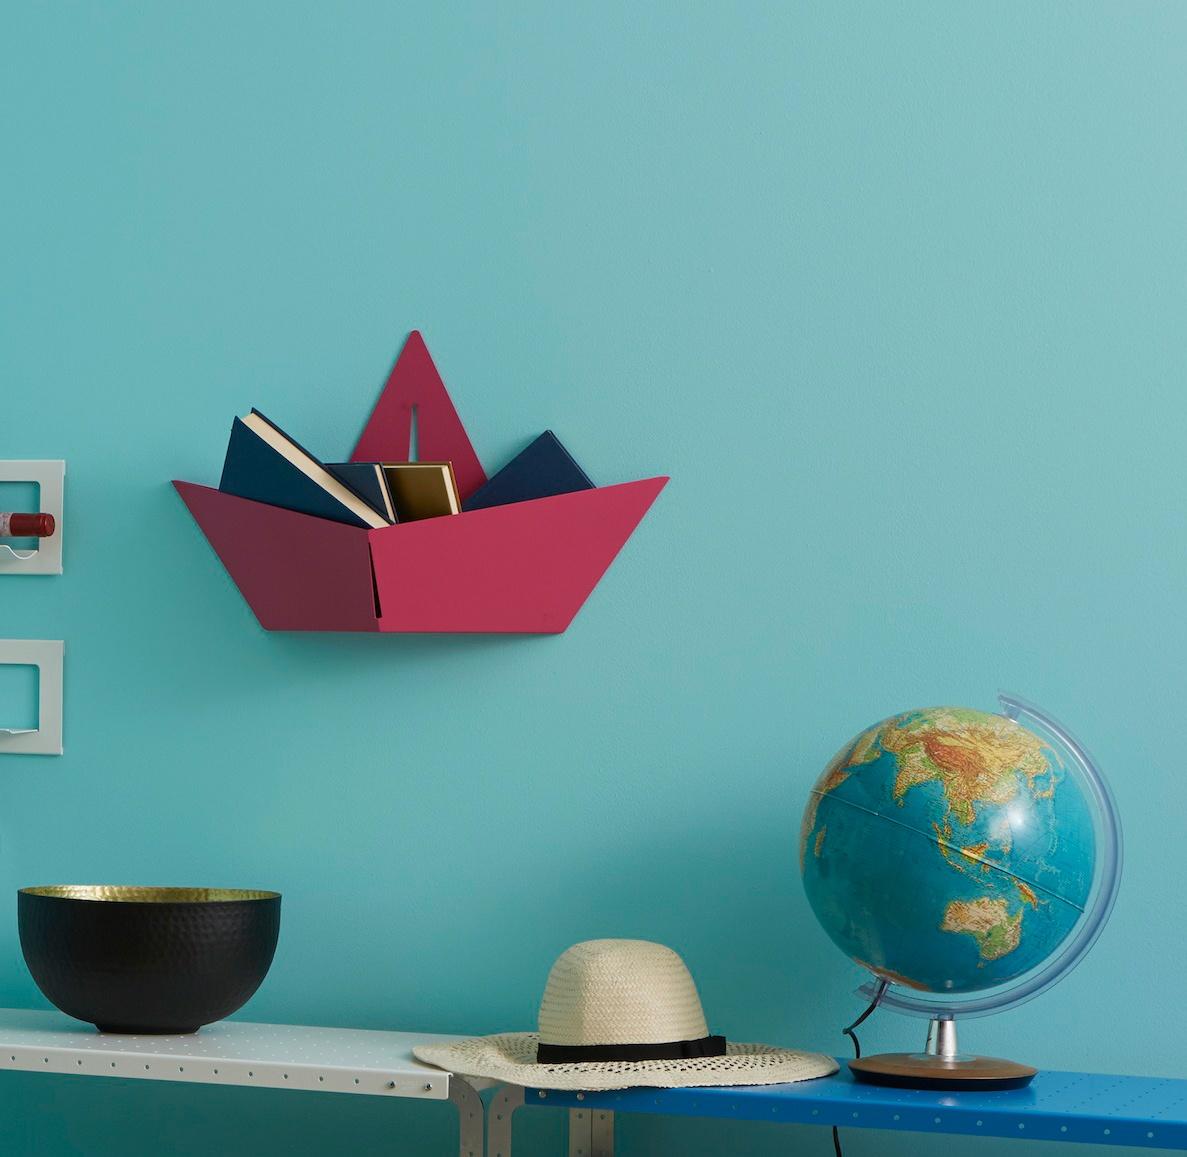 Dettaglio-portaoggetti-Boat-29415